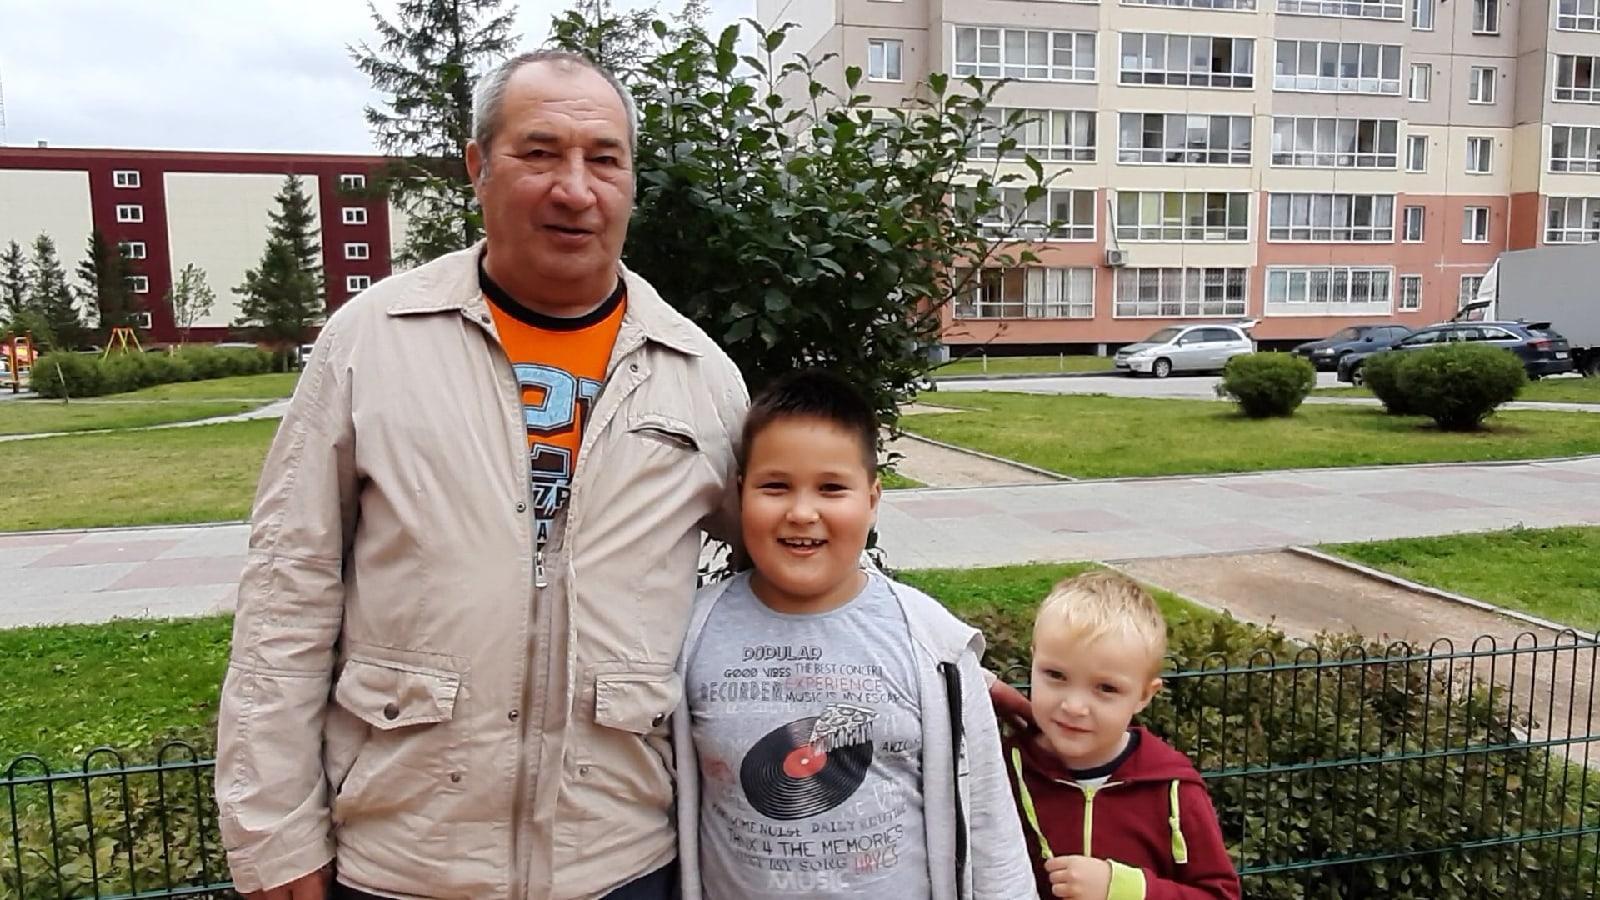 Фото Заряжены оптимизмом: новосибирцы рассказали, как пандемия изменила их настроение и отношение к жизни 3